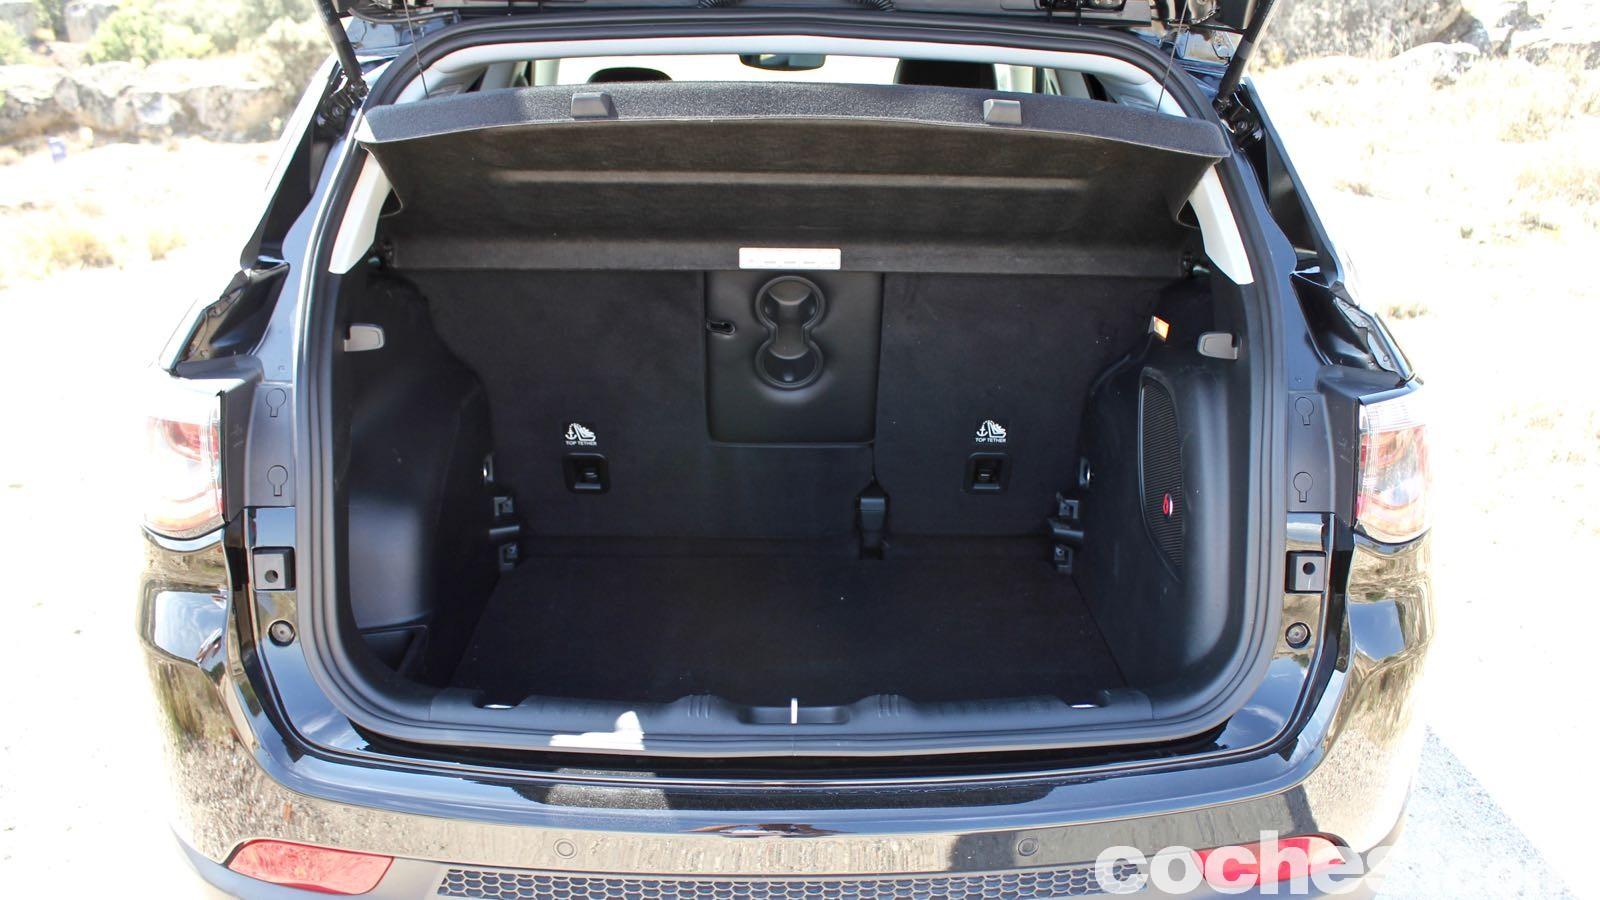 Hyundai Of El Paso >> Jeep Compass 2.0 Multijet 140 CV 4x4, prueba y opinión